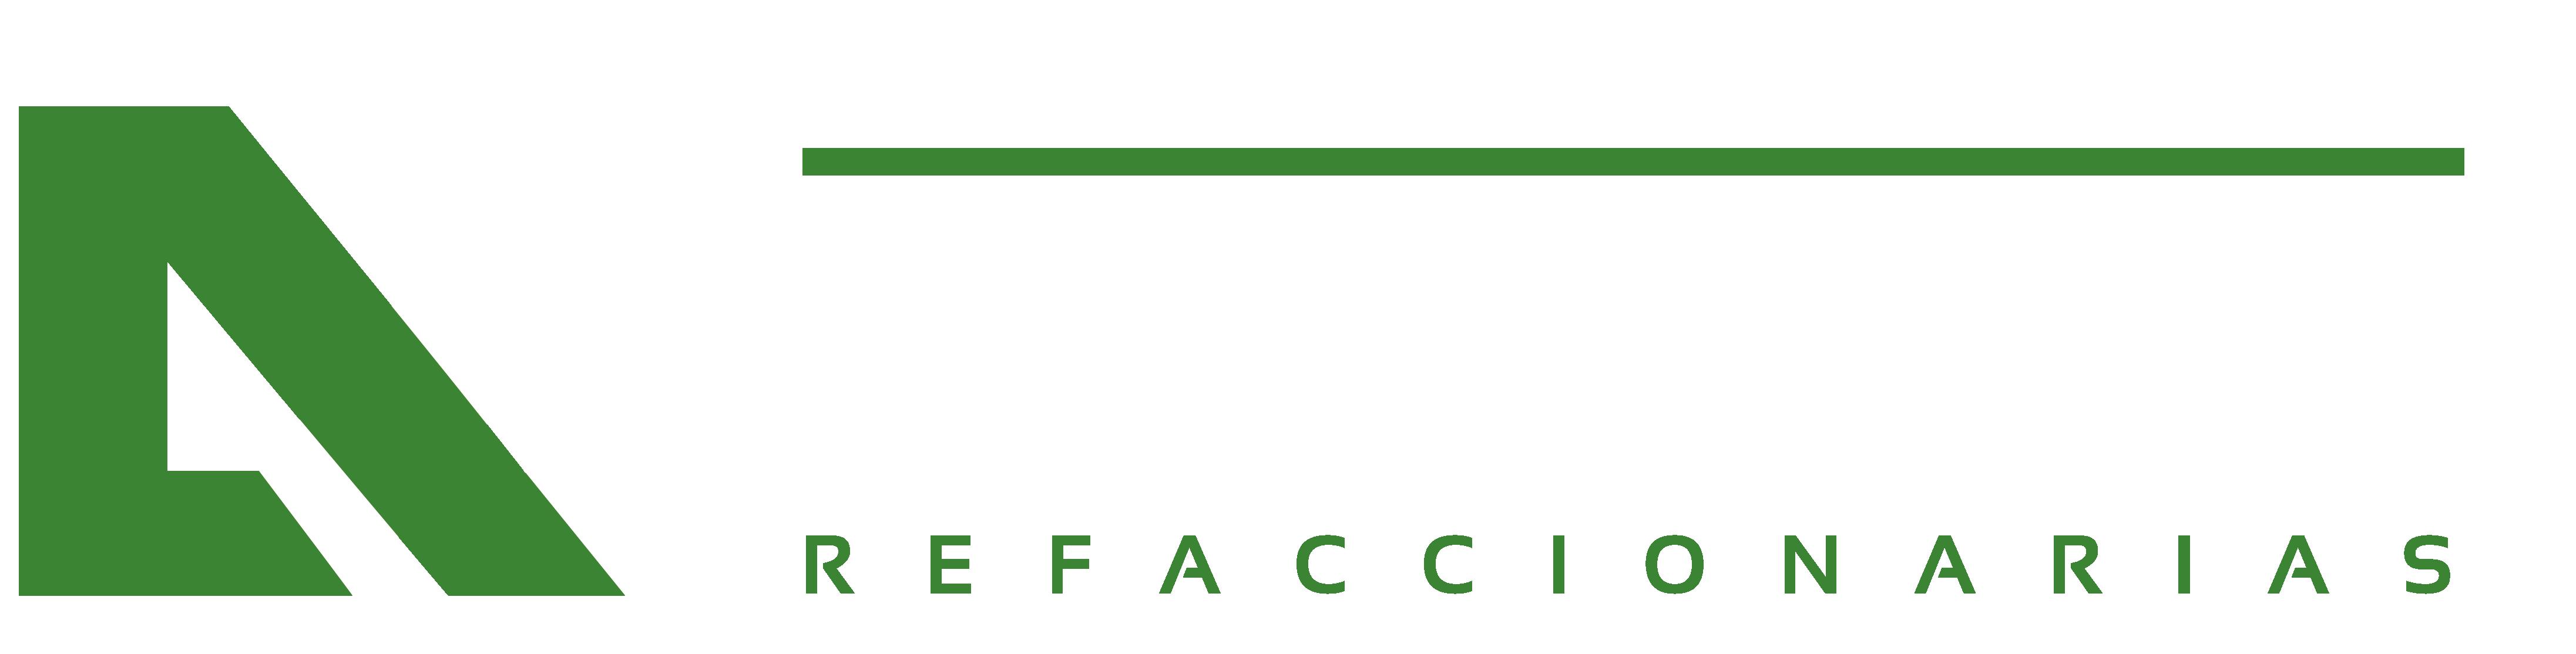 Madero Refaccionaria